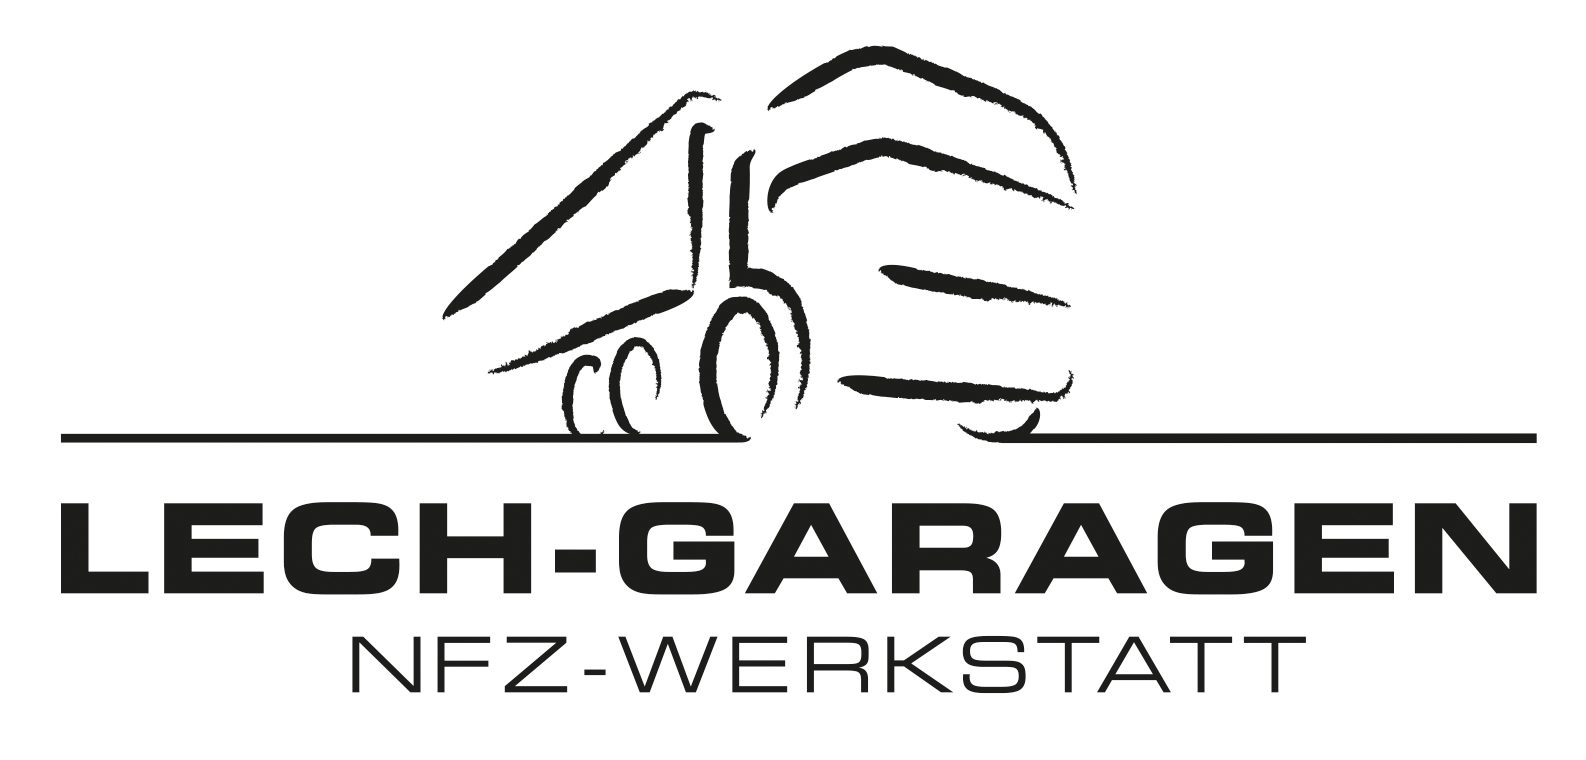 Lech-Garagen GmbH